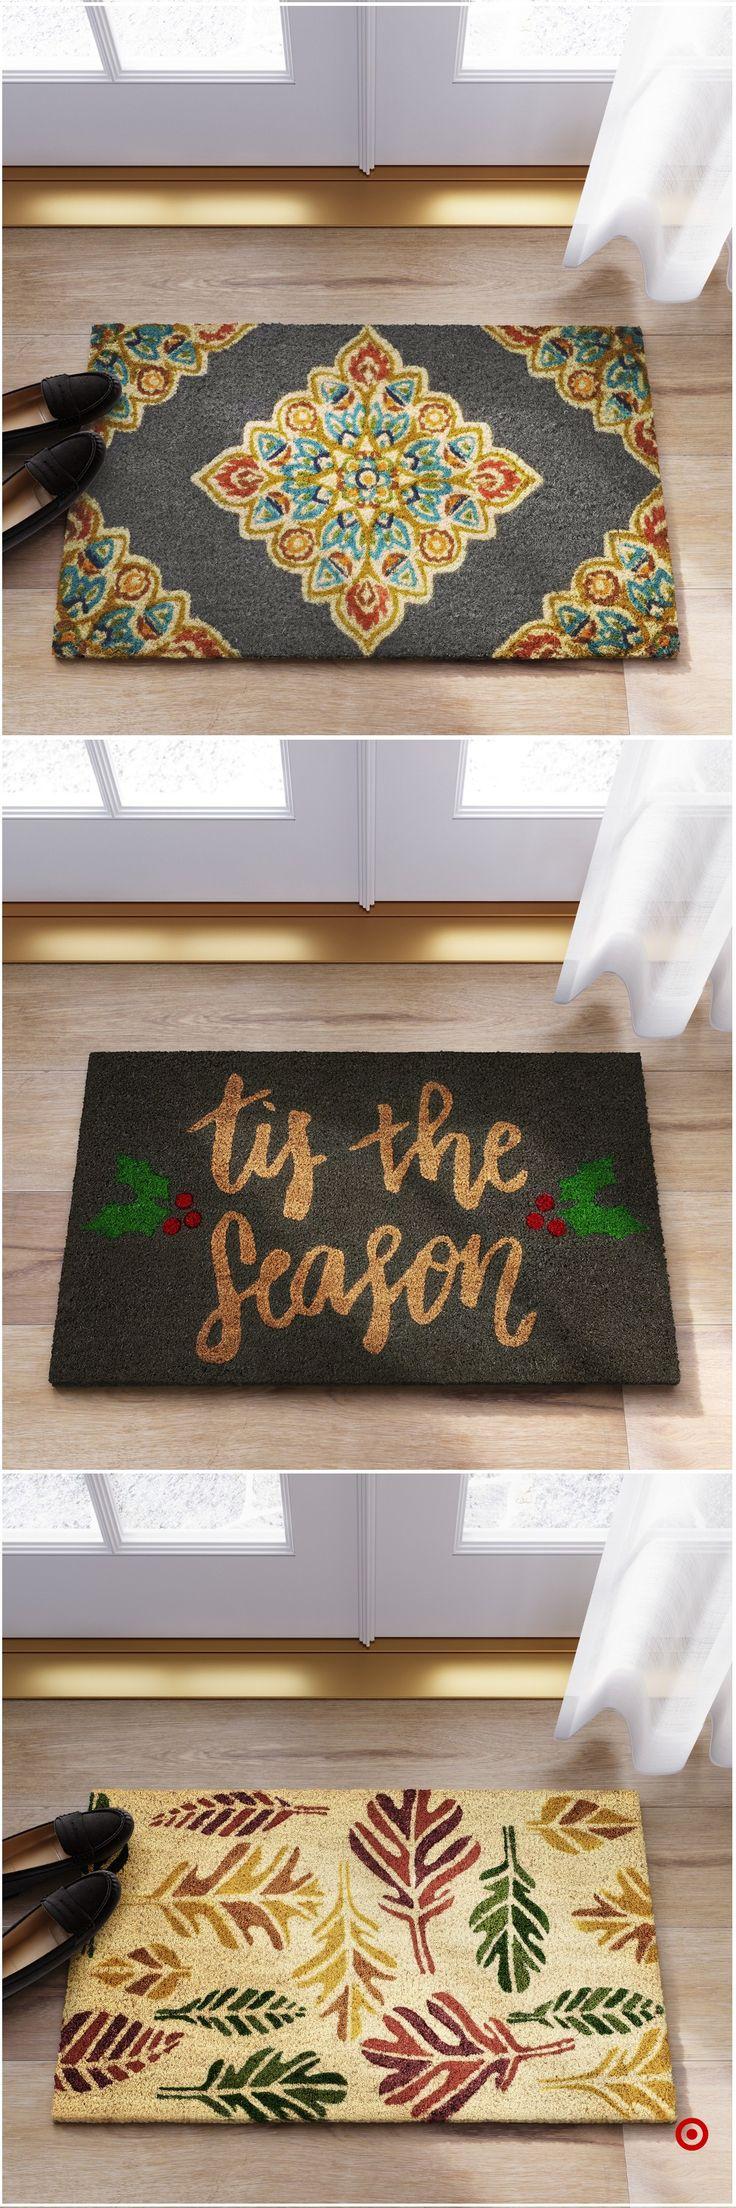 Doormat keep the change you filthy animal doormat photographs : Best 25+ Diy door mats ideas on Pinterest | Recycled door mats ...